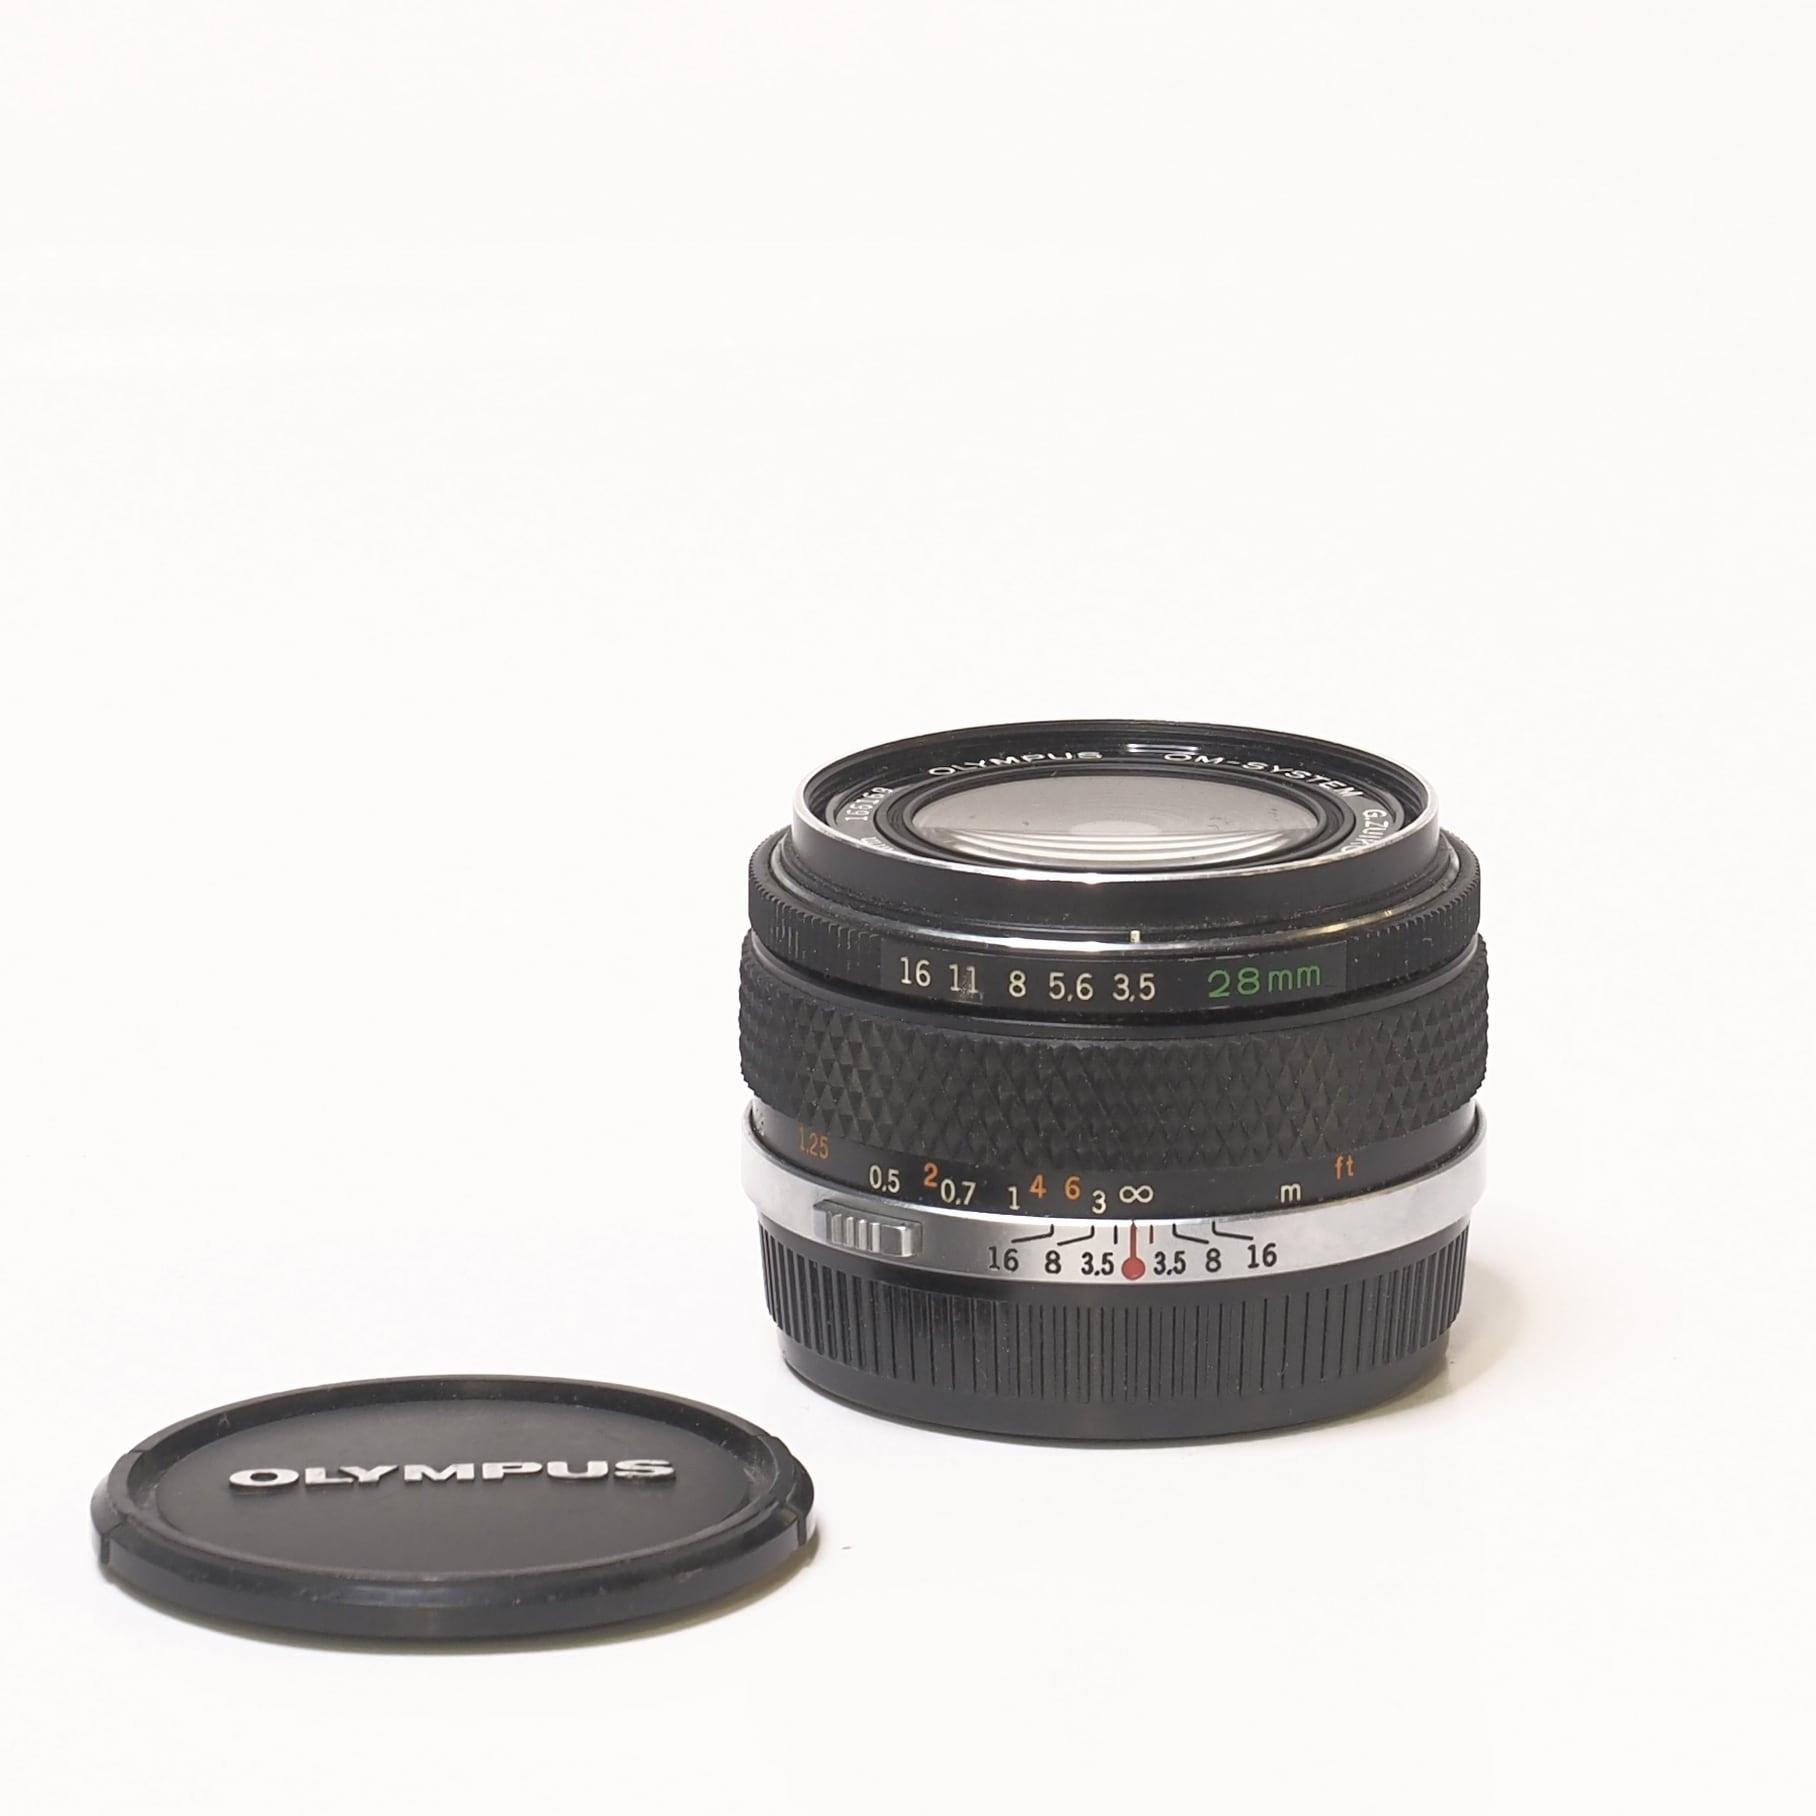 Olympus 28mm f/3,5 - Begagnad